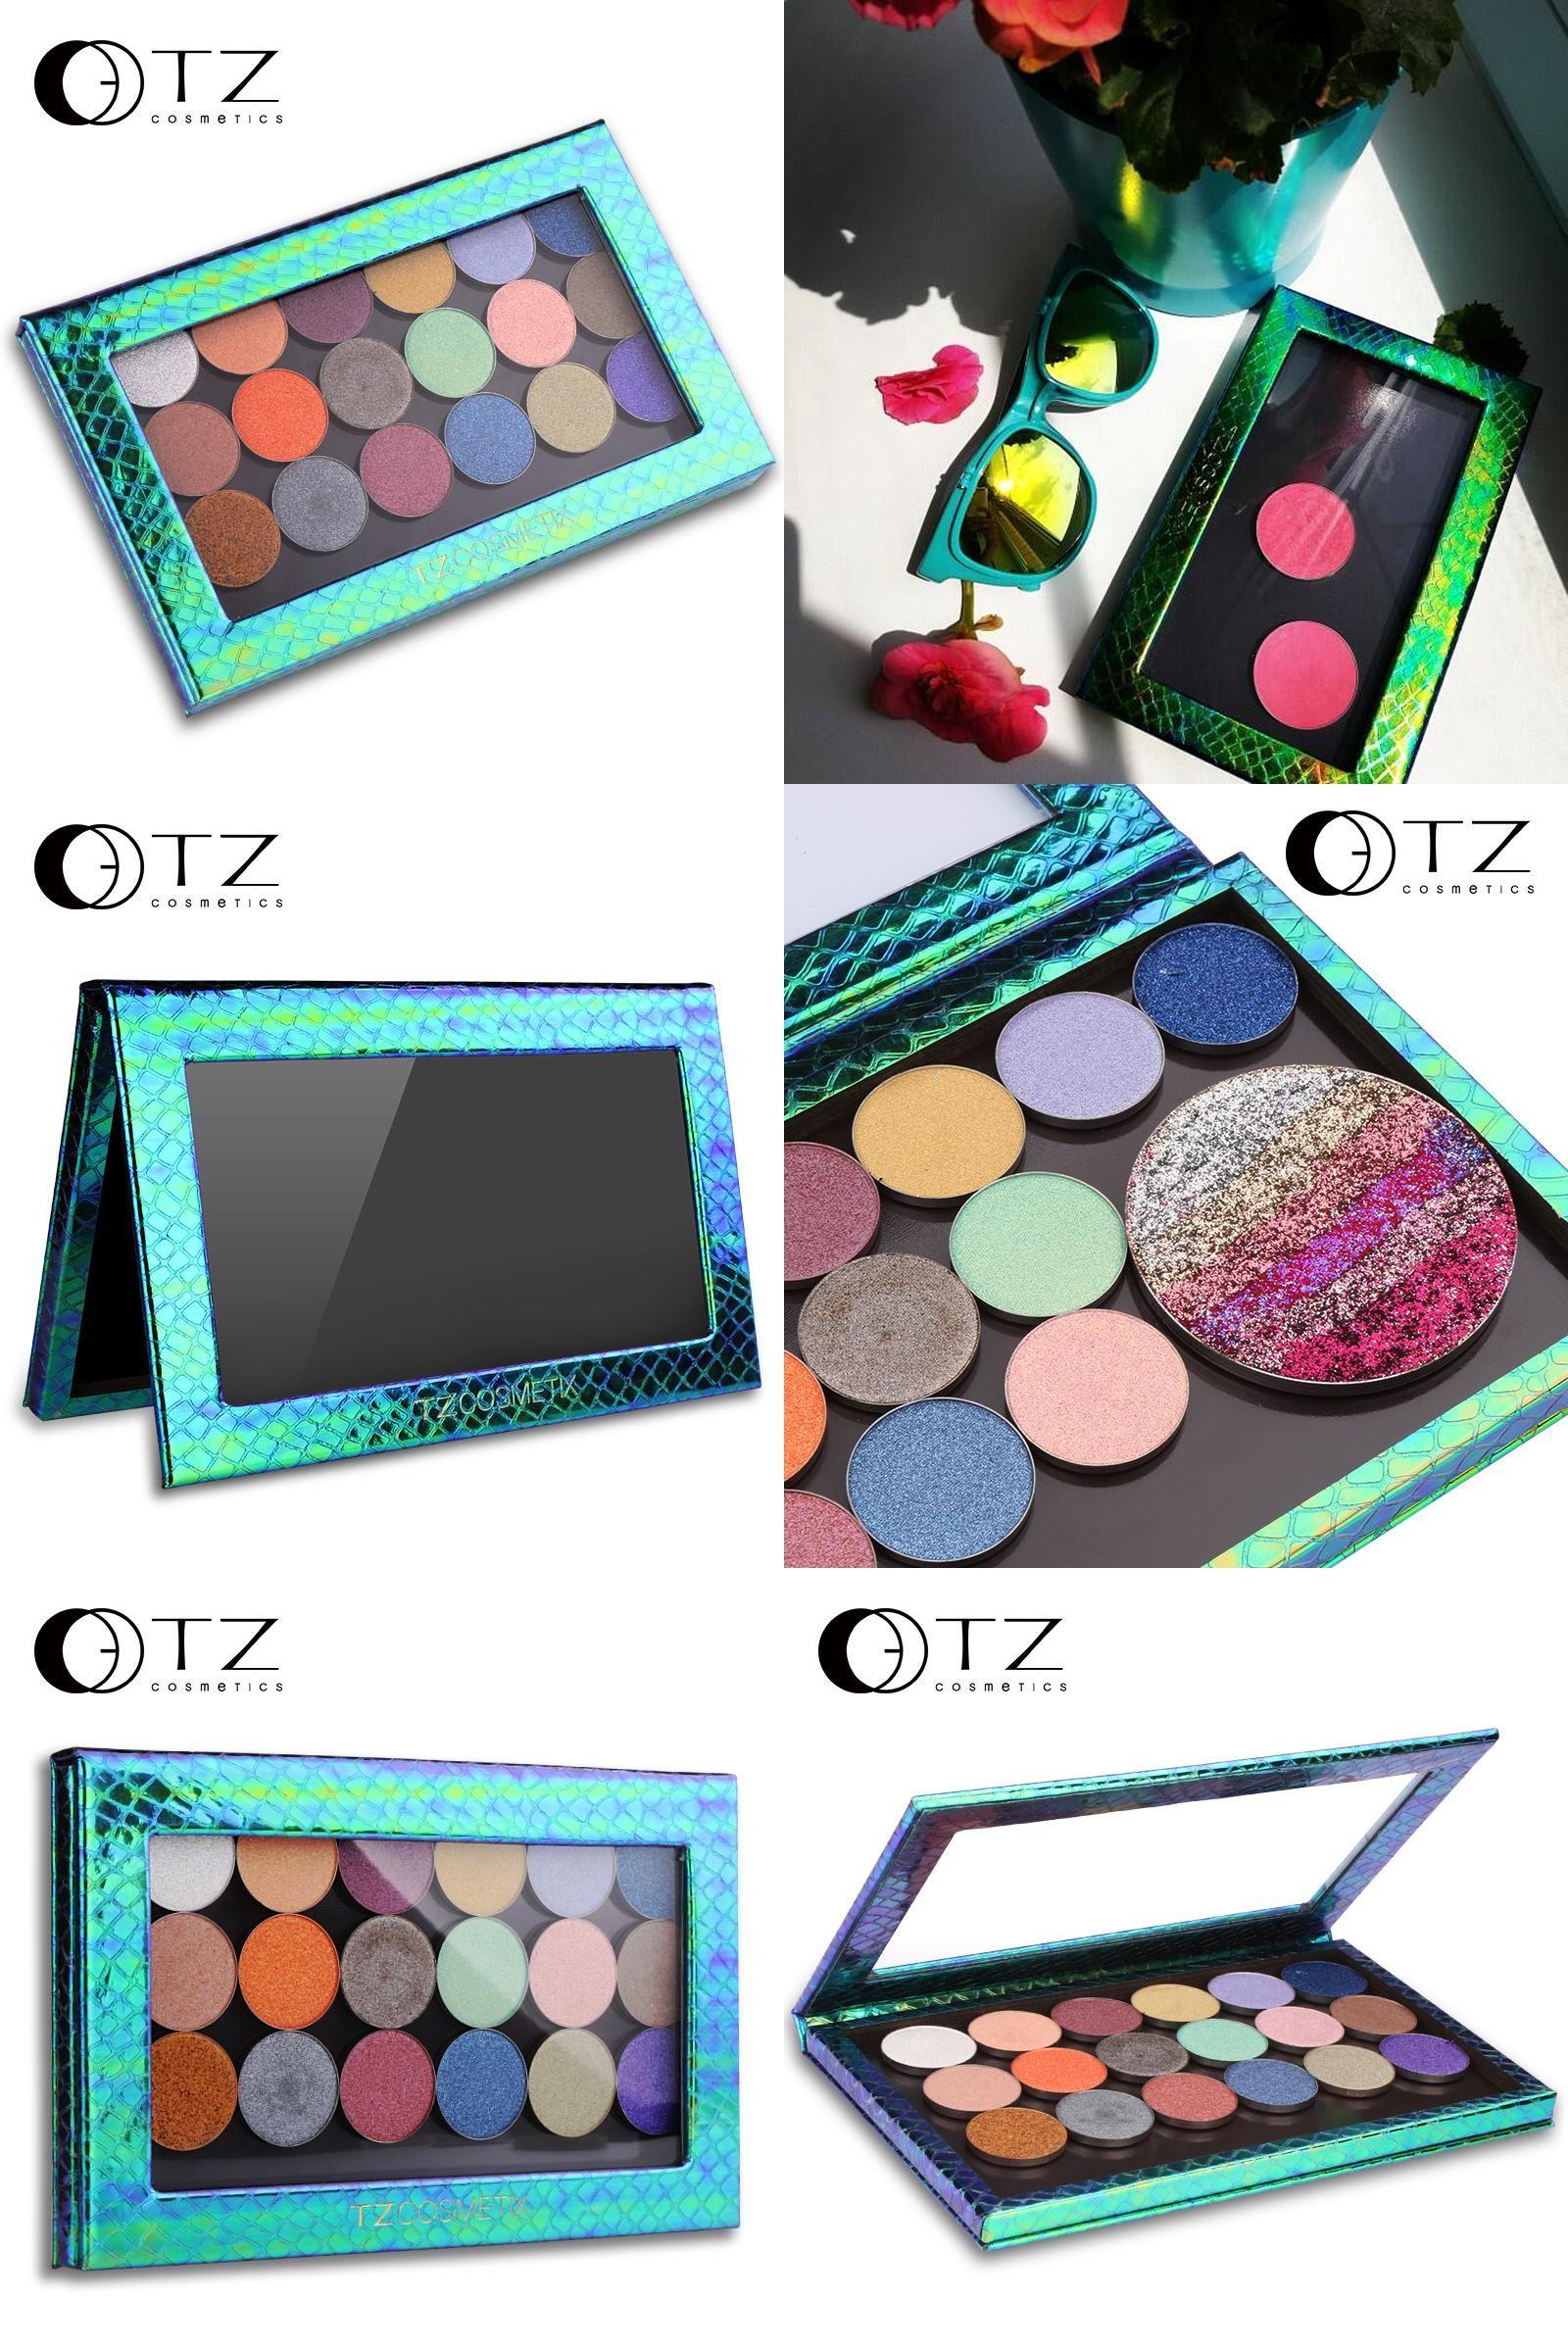 [Visit to Buy] TZ Large Z Palette Empty Makeup